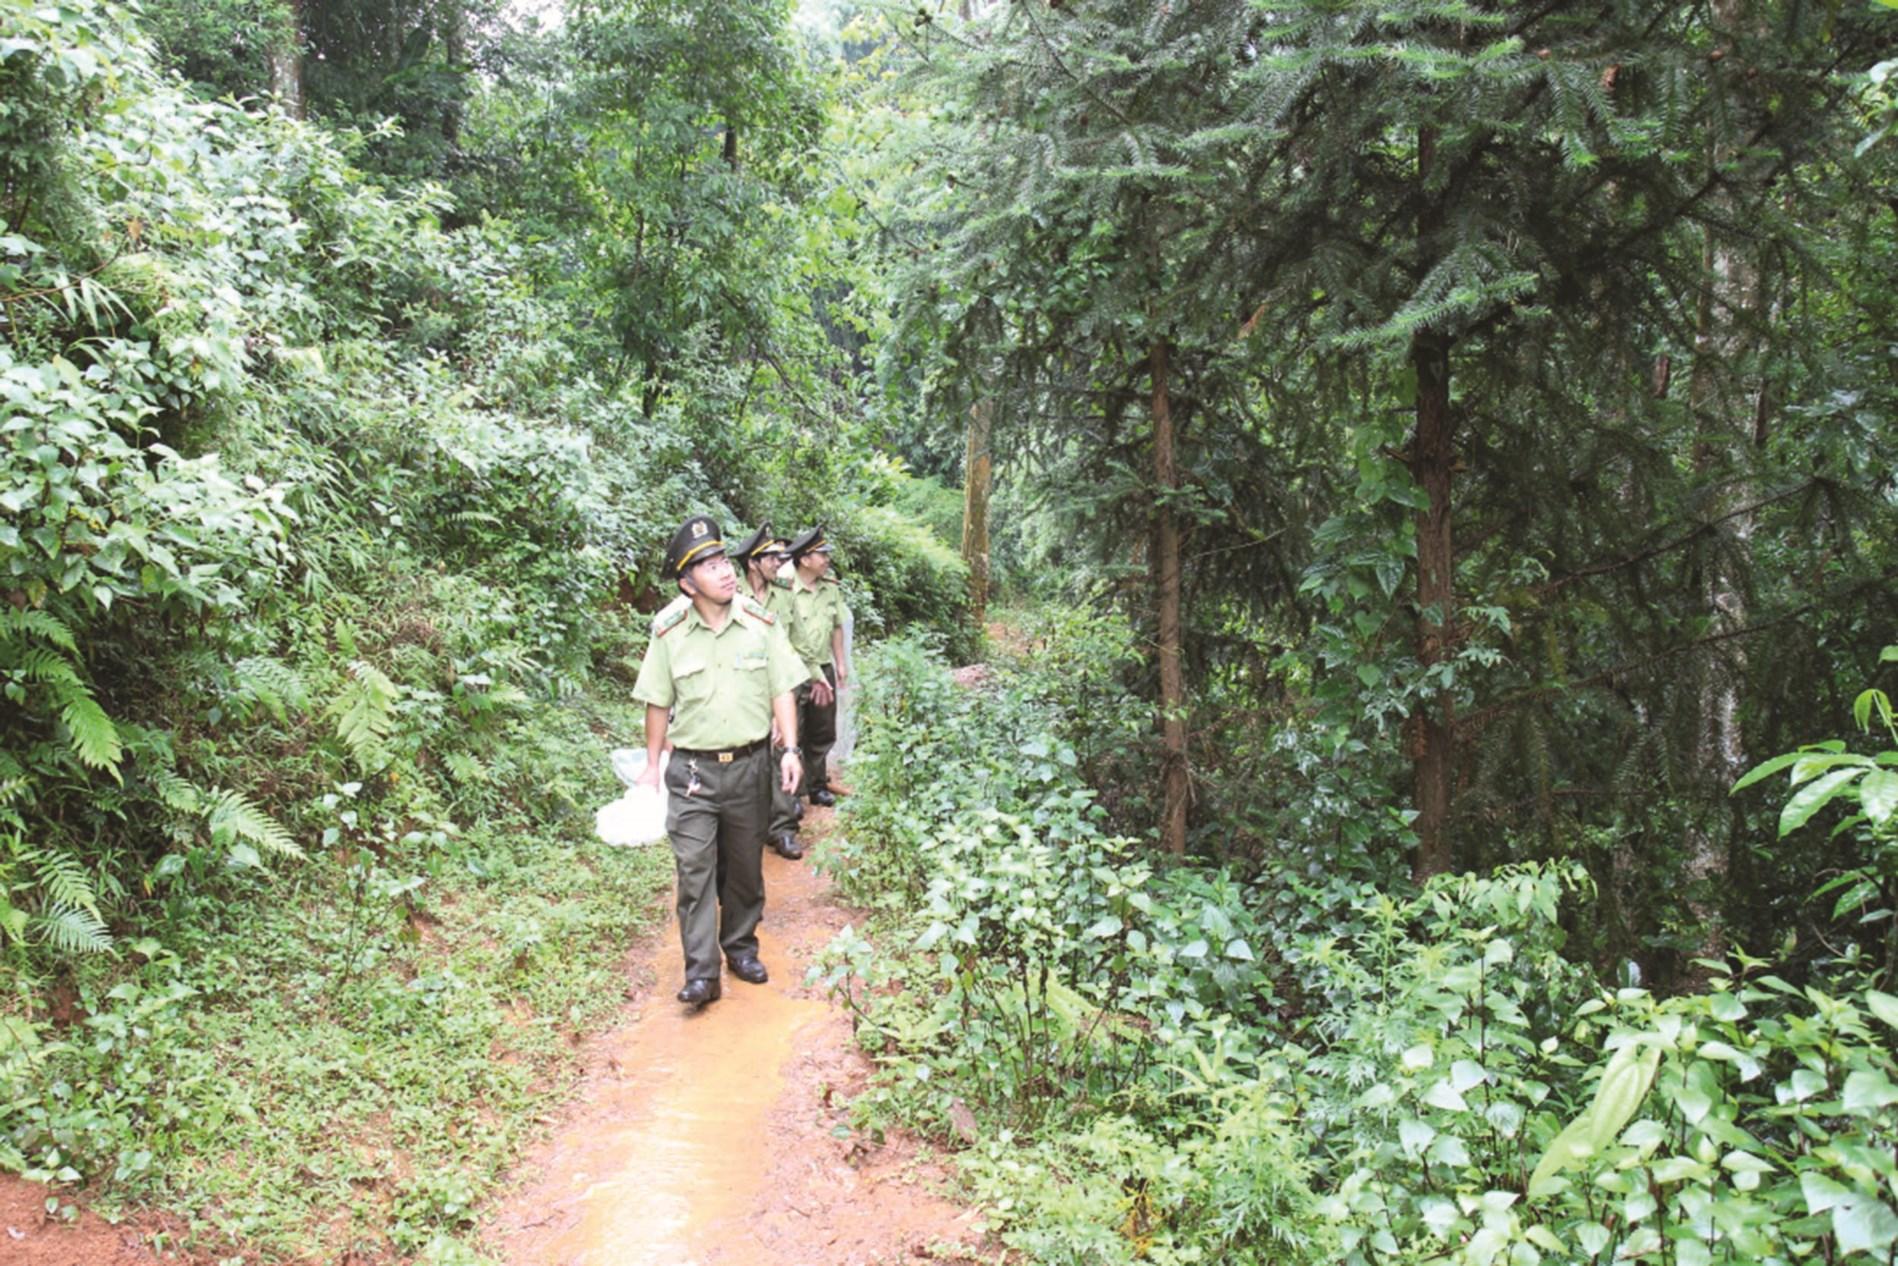 Cán bộ Kiểm lâm tuần tra rừng.